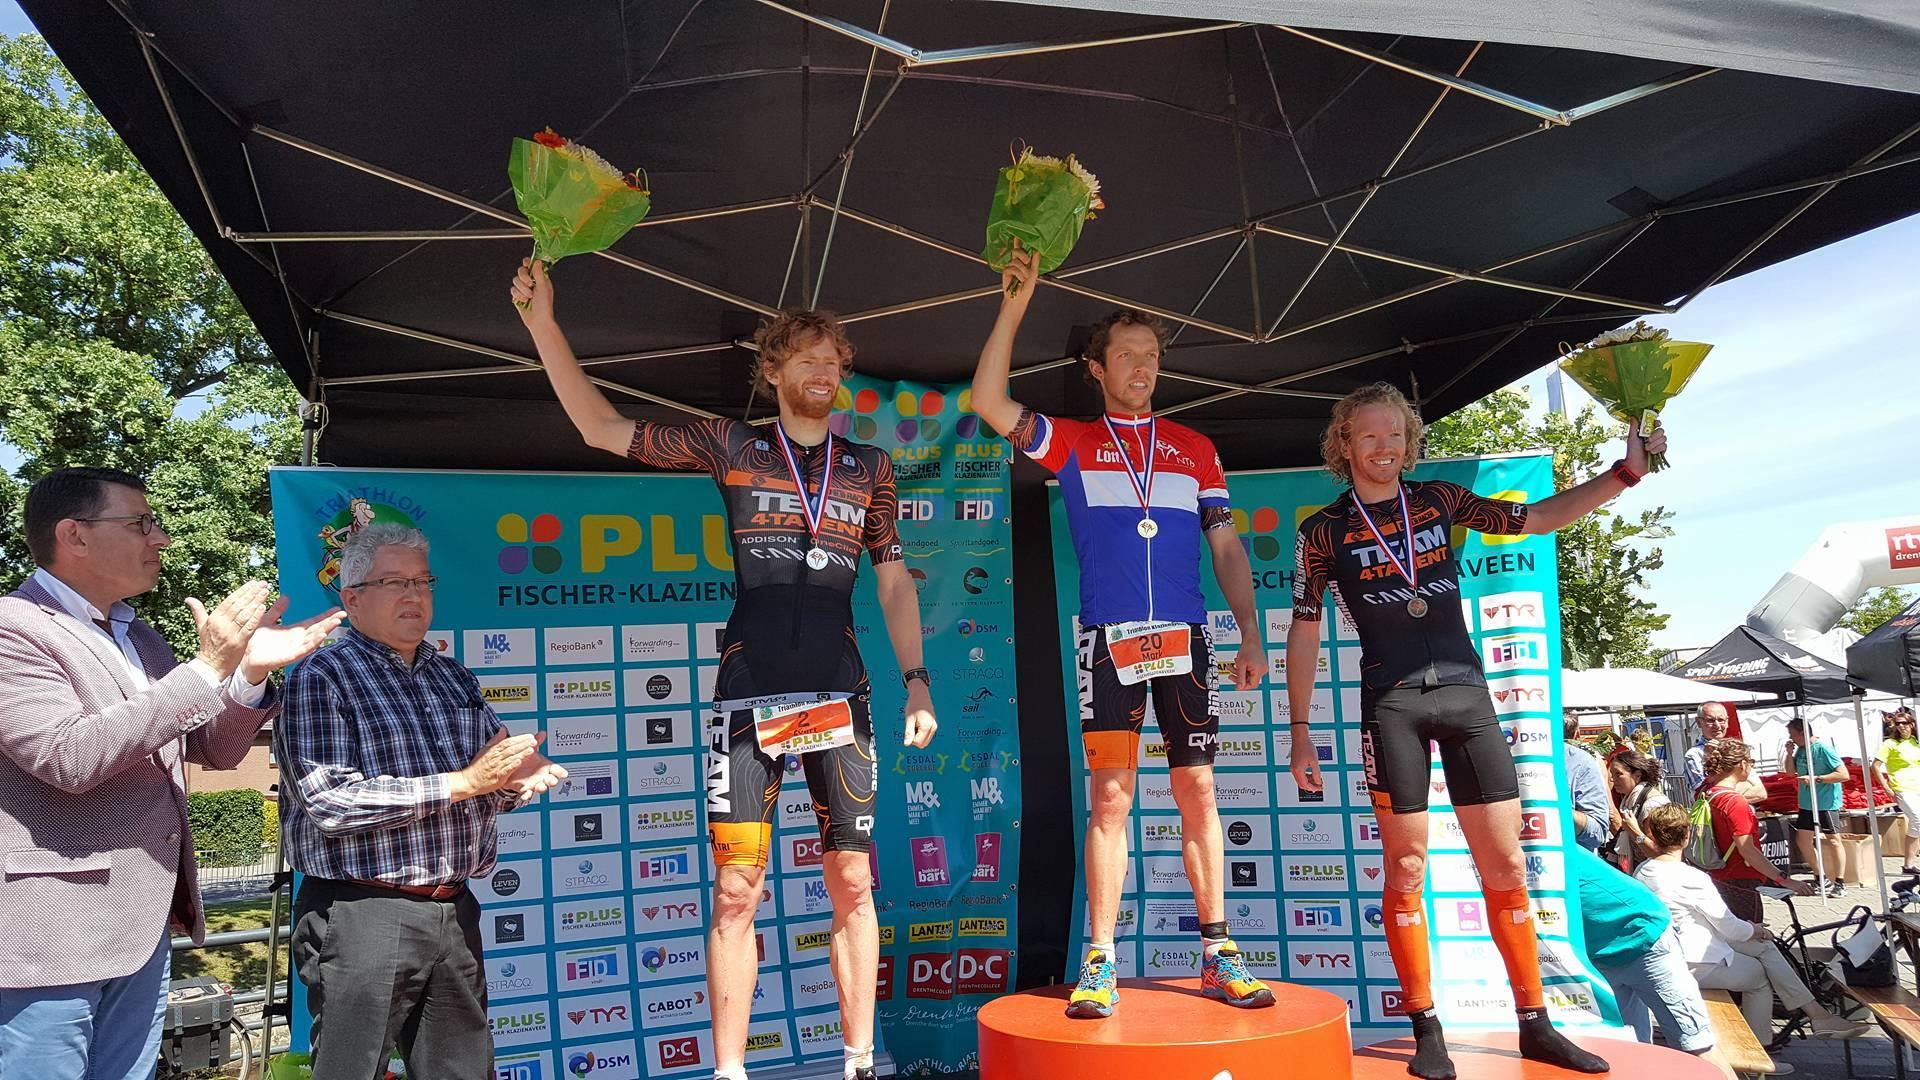 Klazienaveen 2016 podium